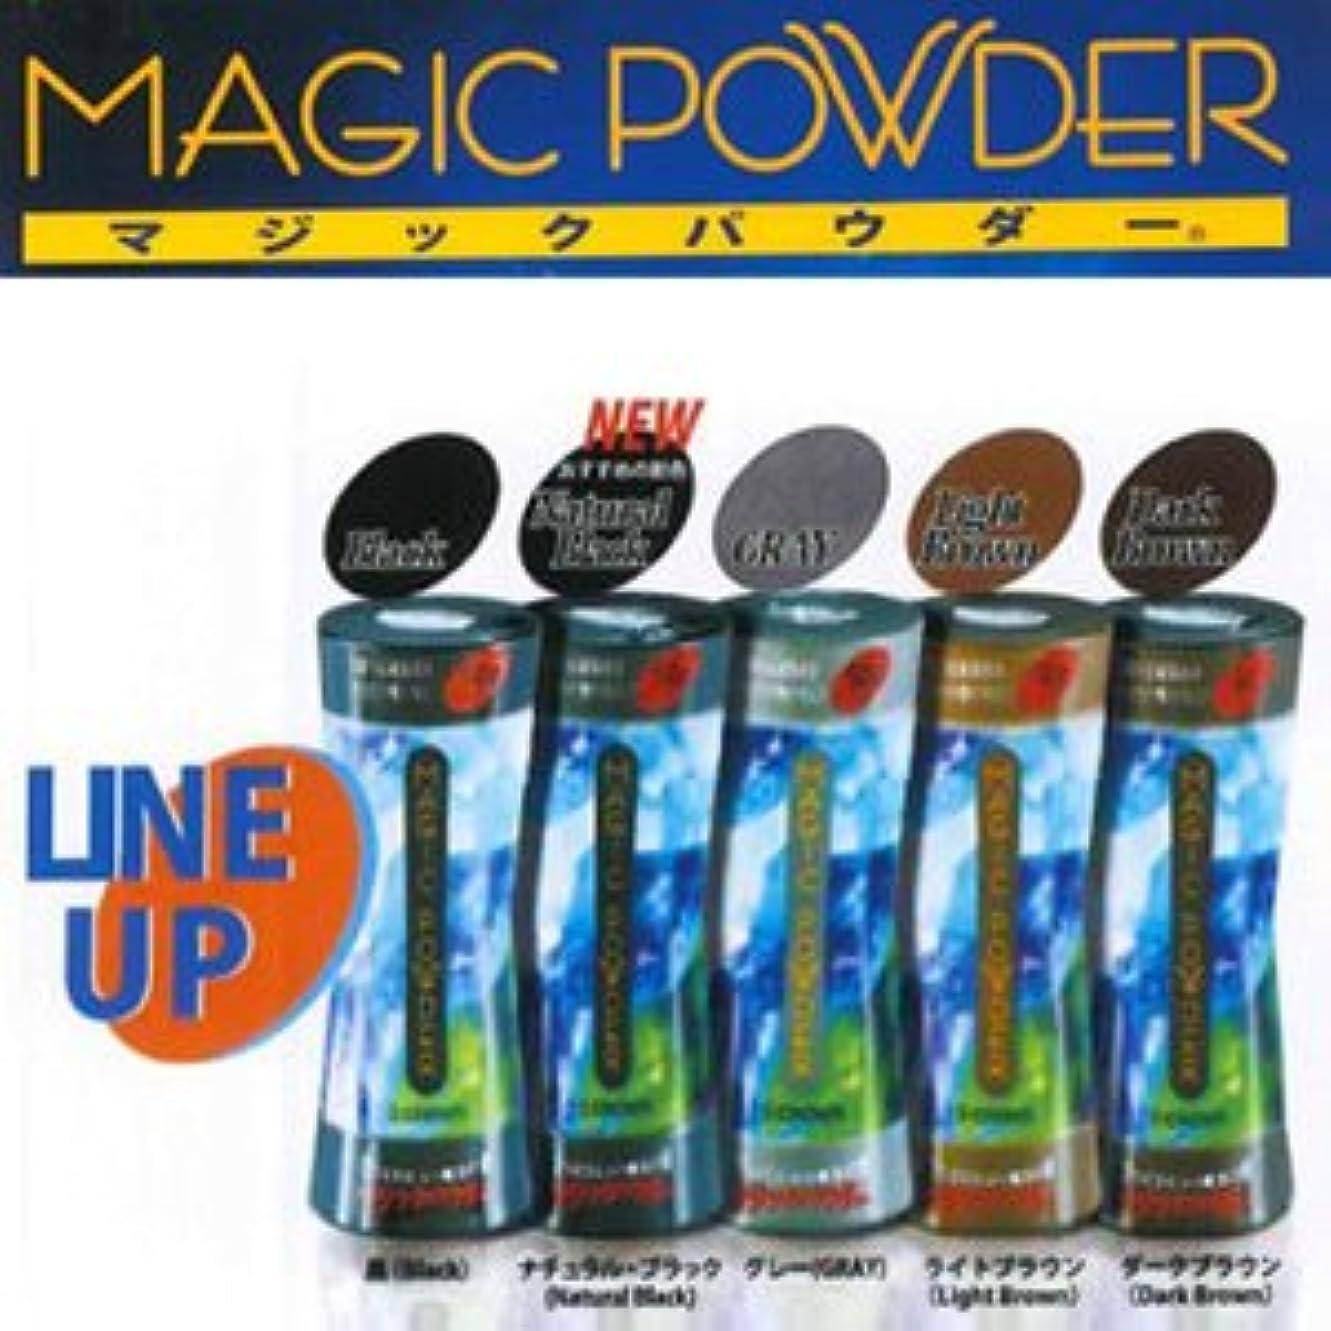 レインコートもっと少なくハッチMAGIC POWDER マジックパウダー ダークブラウン 50g  2個セット ※貴方の髪を簡単ボリュームアップ!